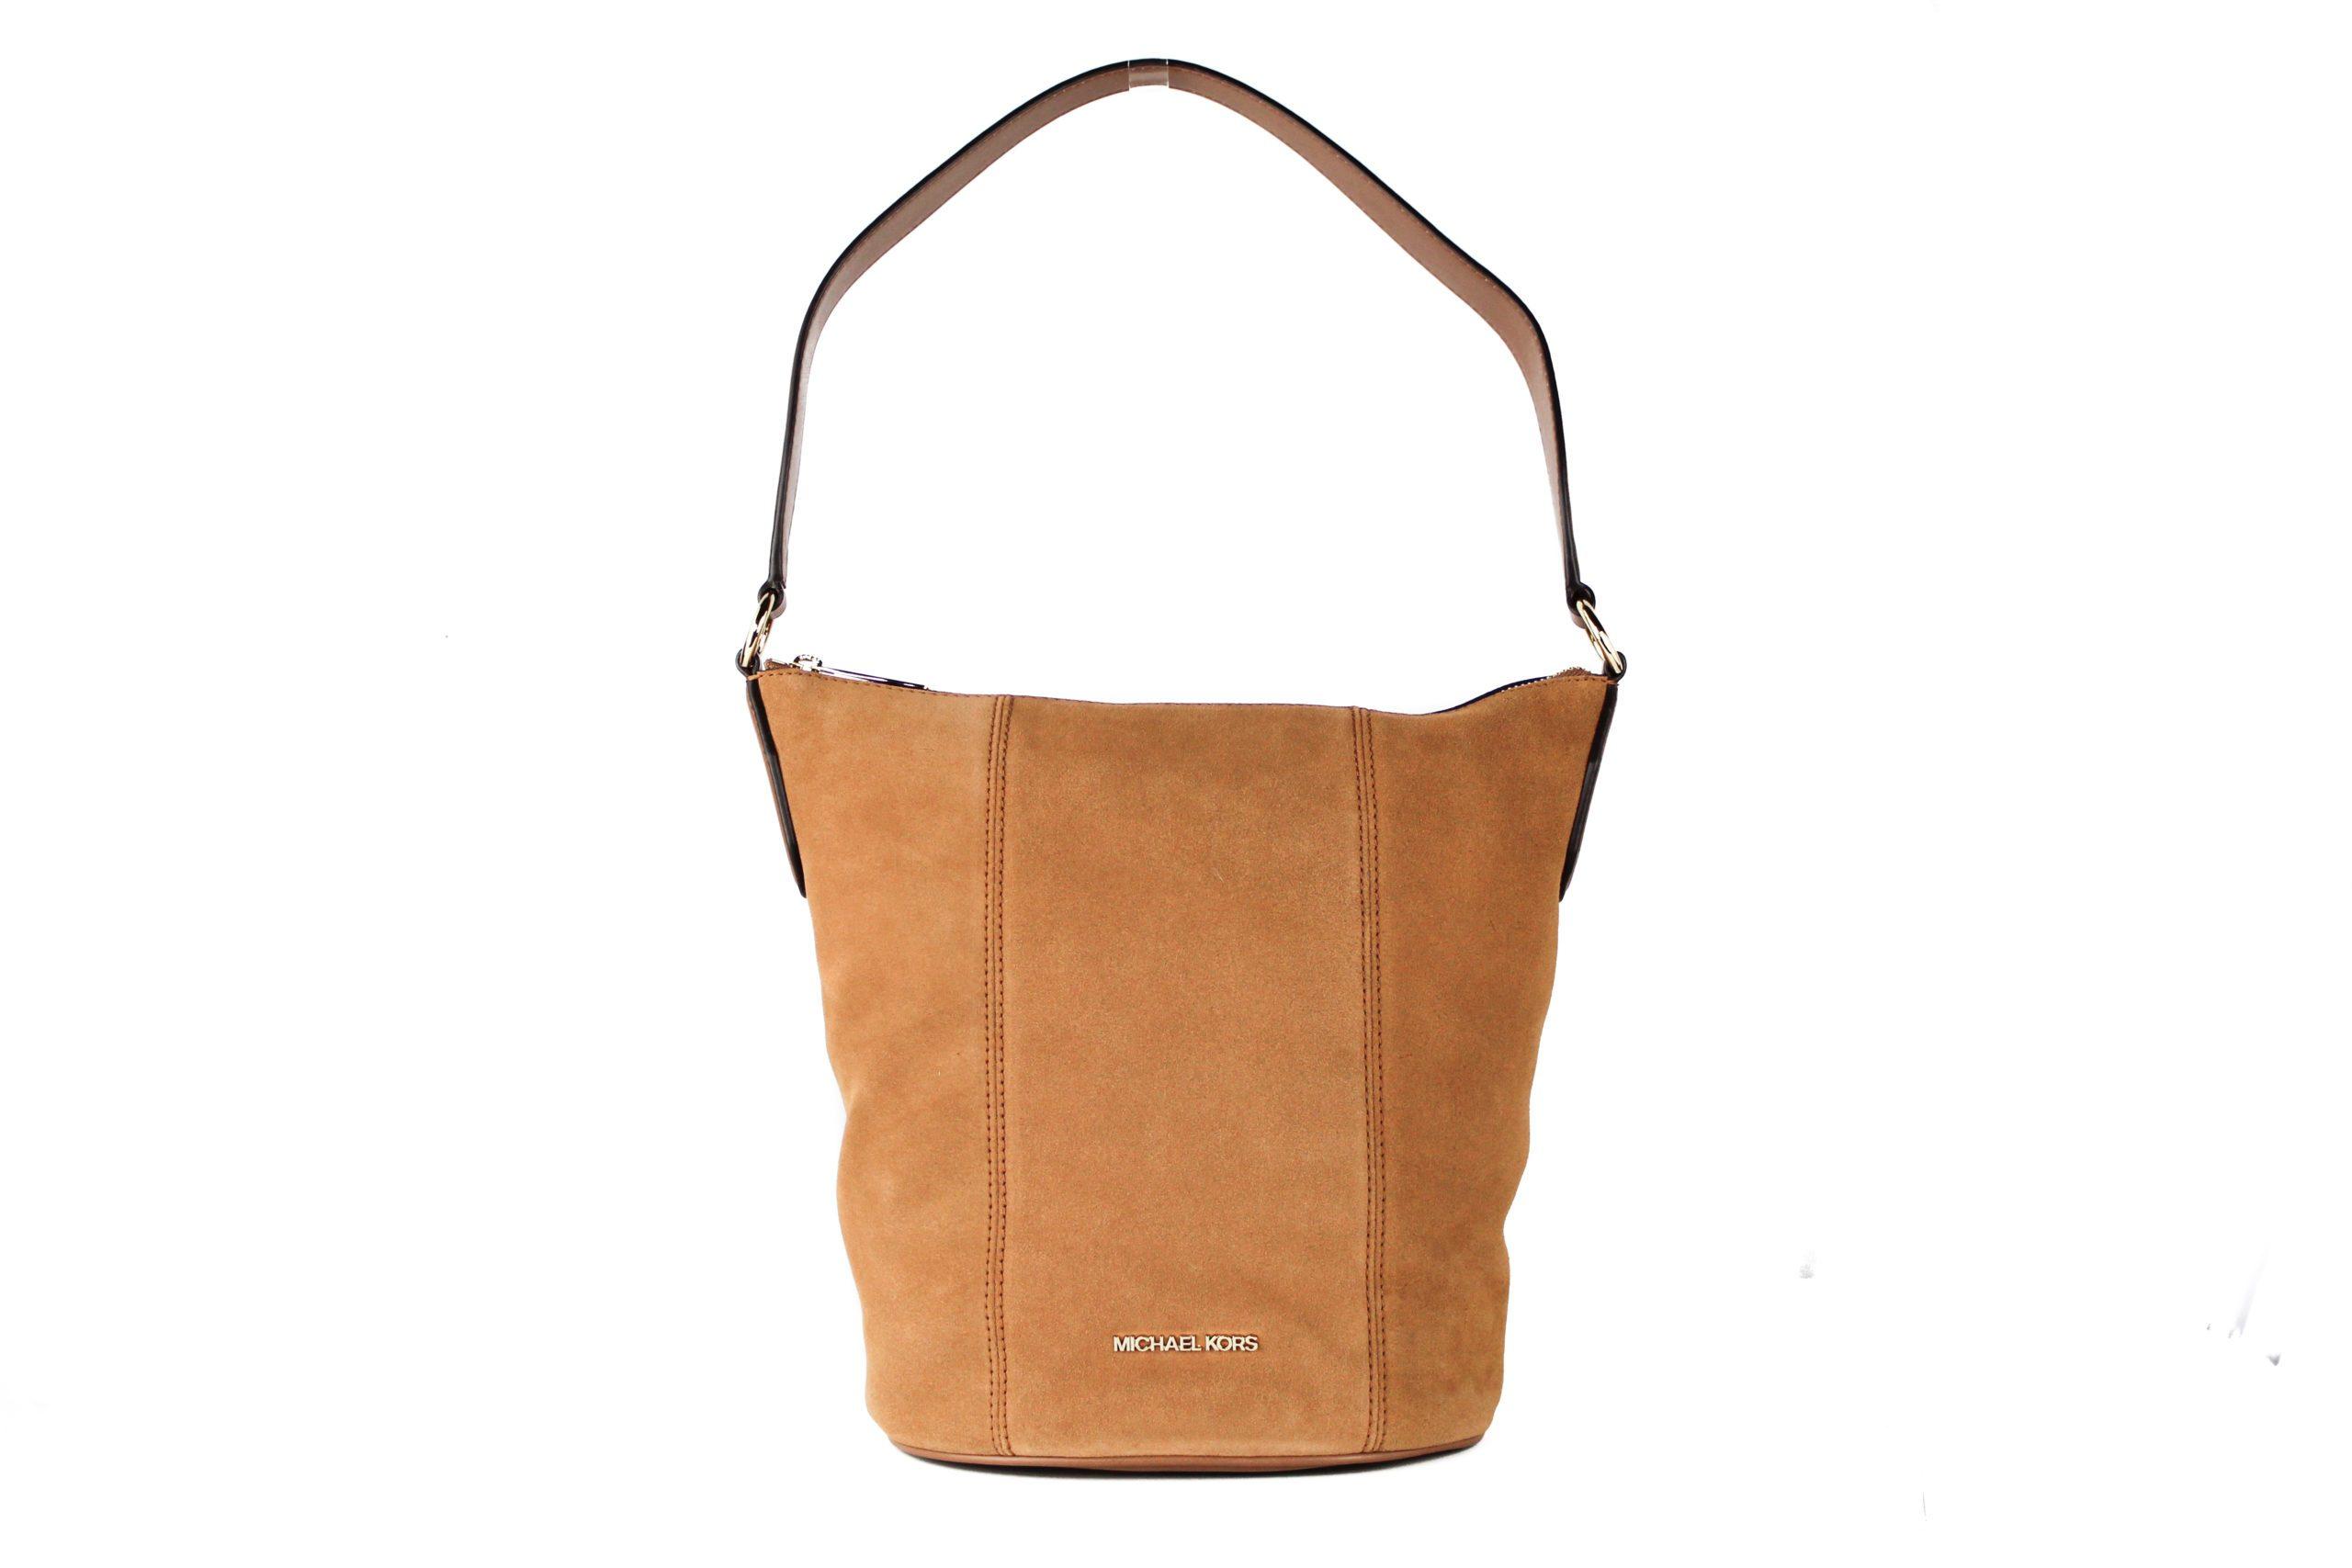 Michael Kors Women's Brooke Crossbody Bag Brown 22450